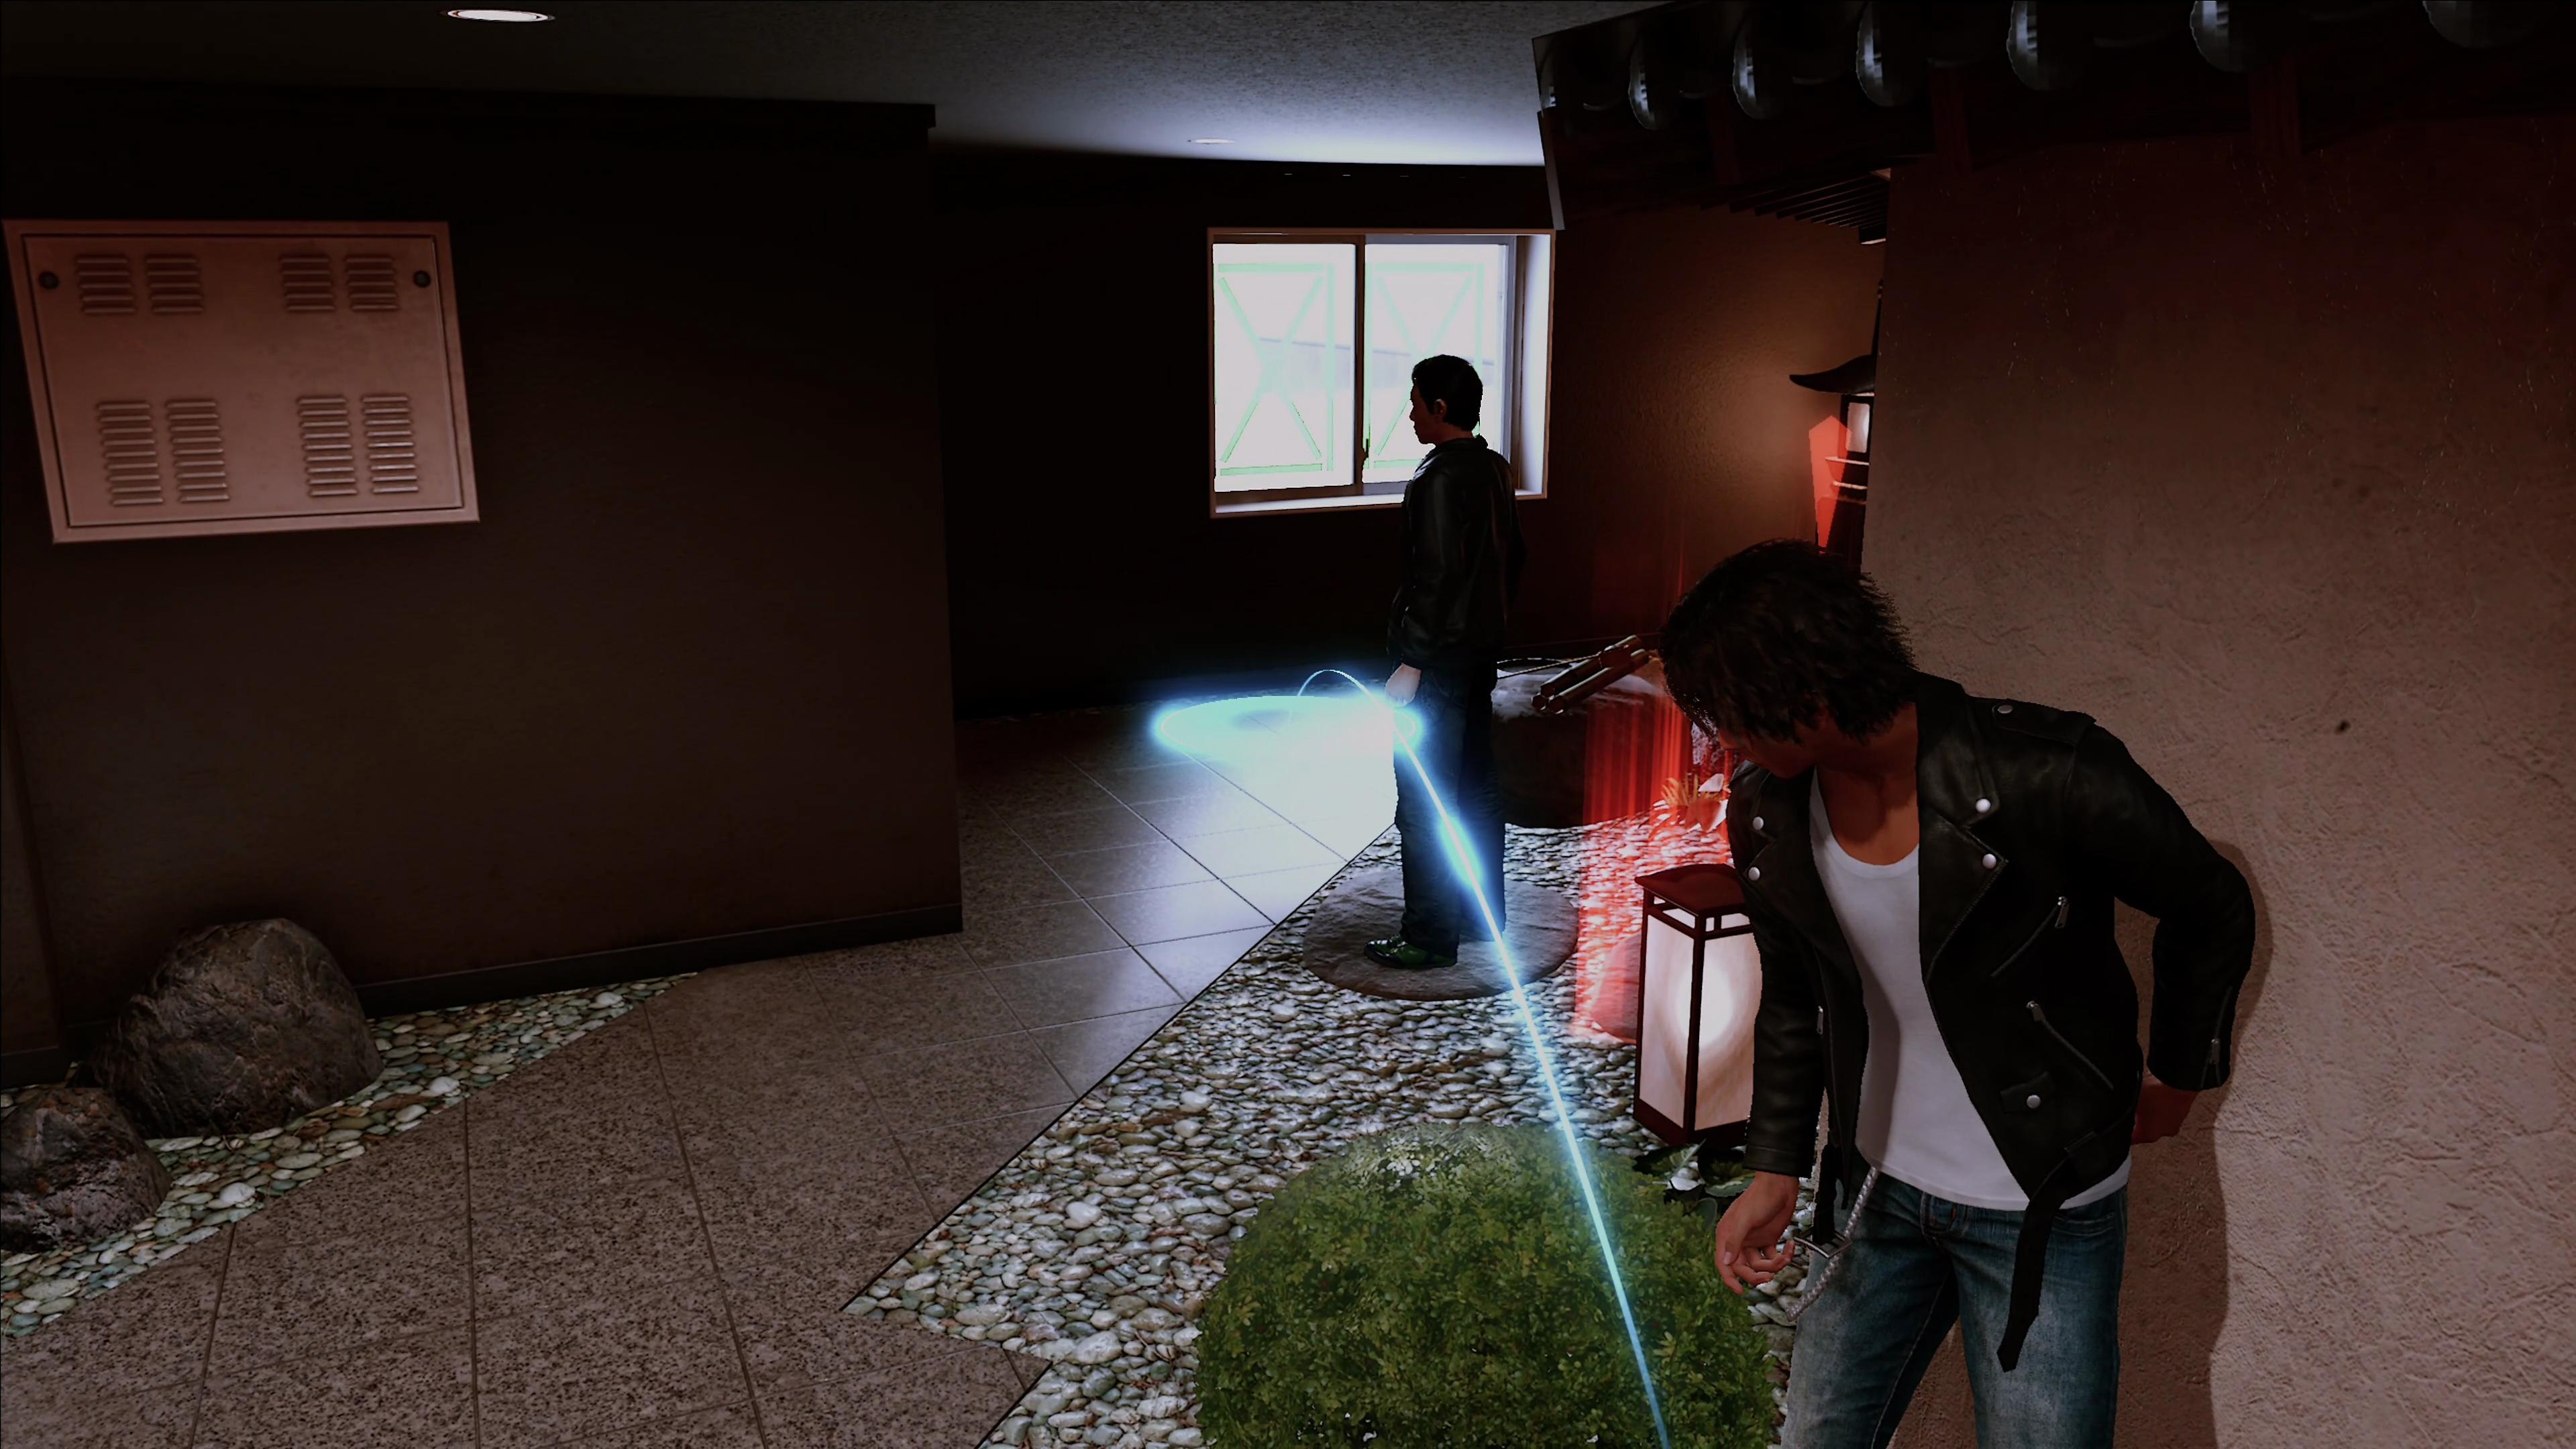 Lost Judgment - Action d'enquête - Capture d'écran des éléments principaux